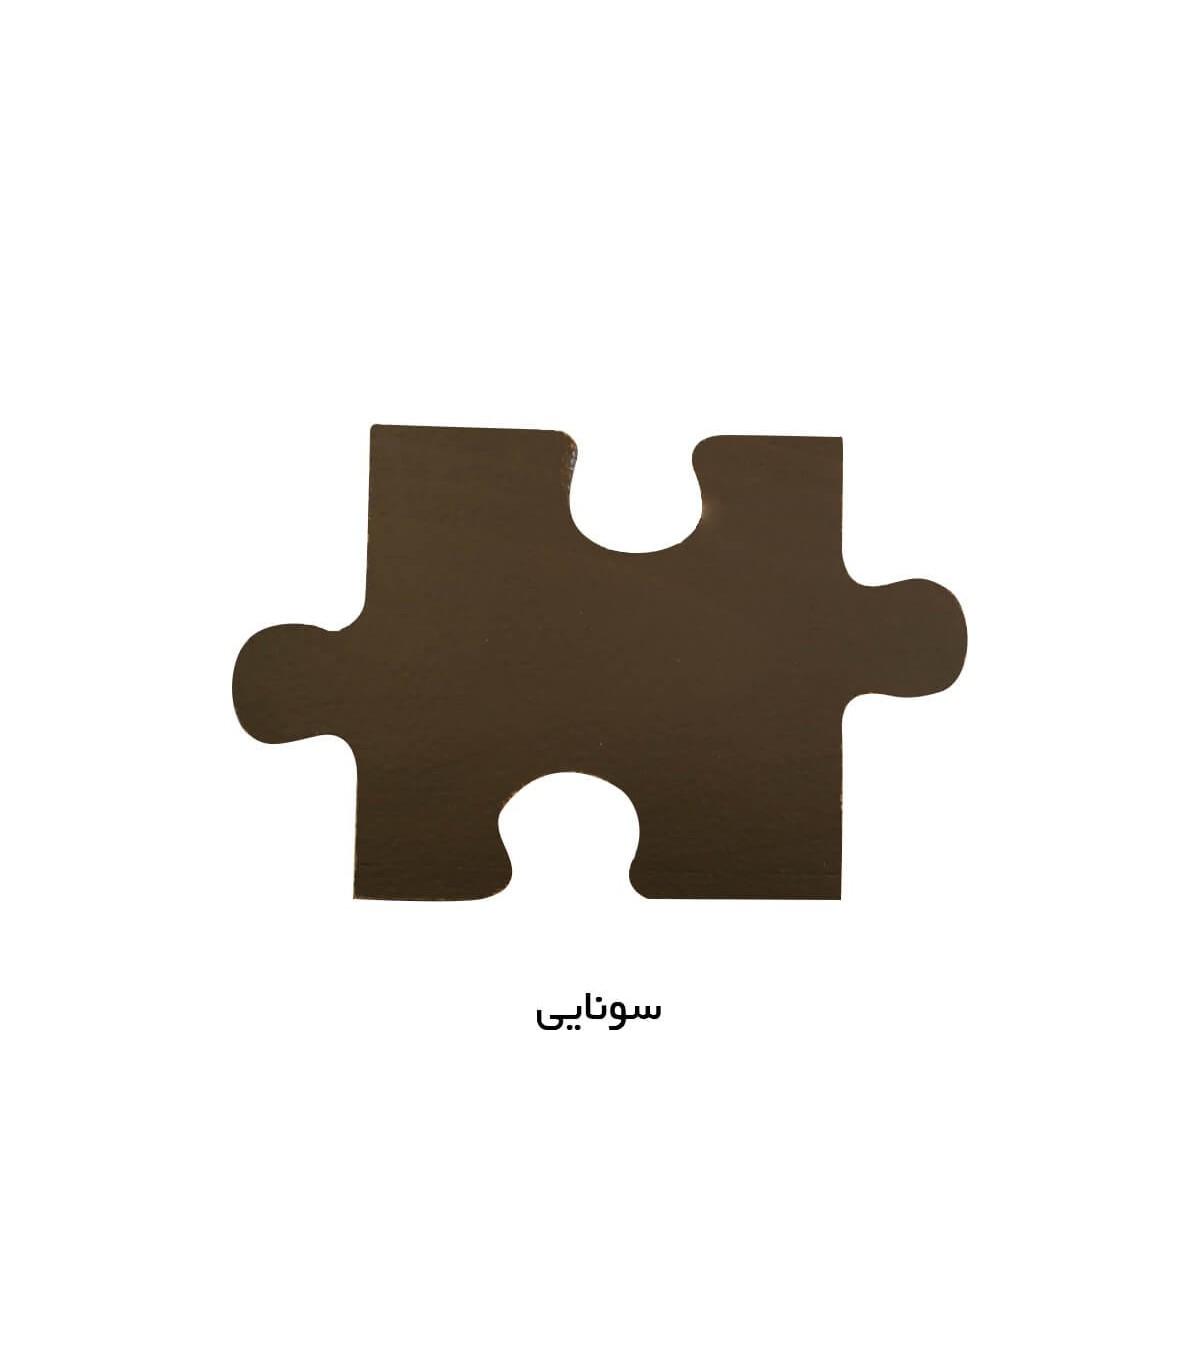 مبل دو نفره کلاسیک سری 514 رنگ سونایی